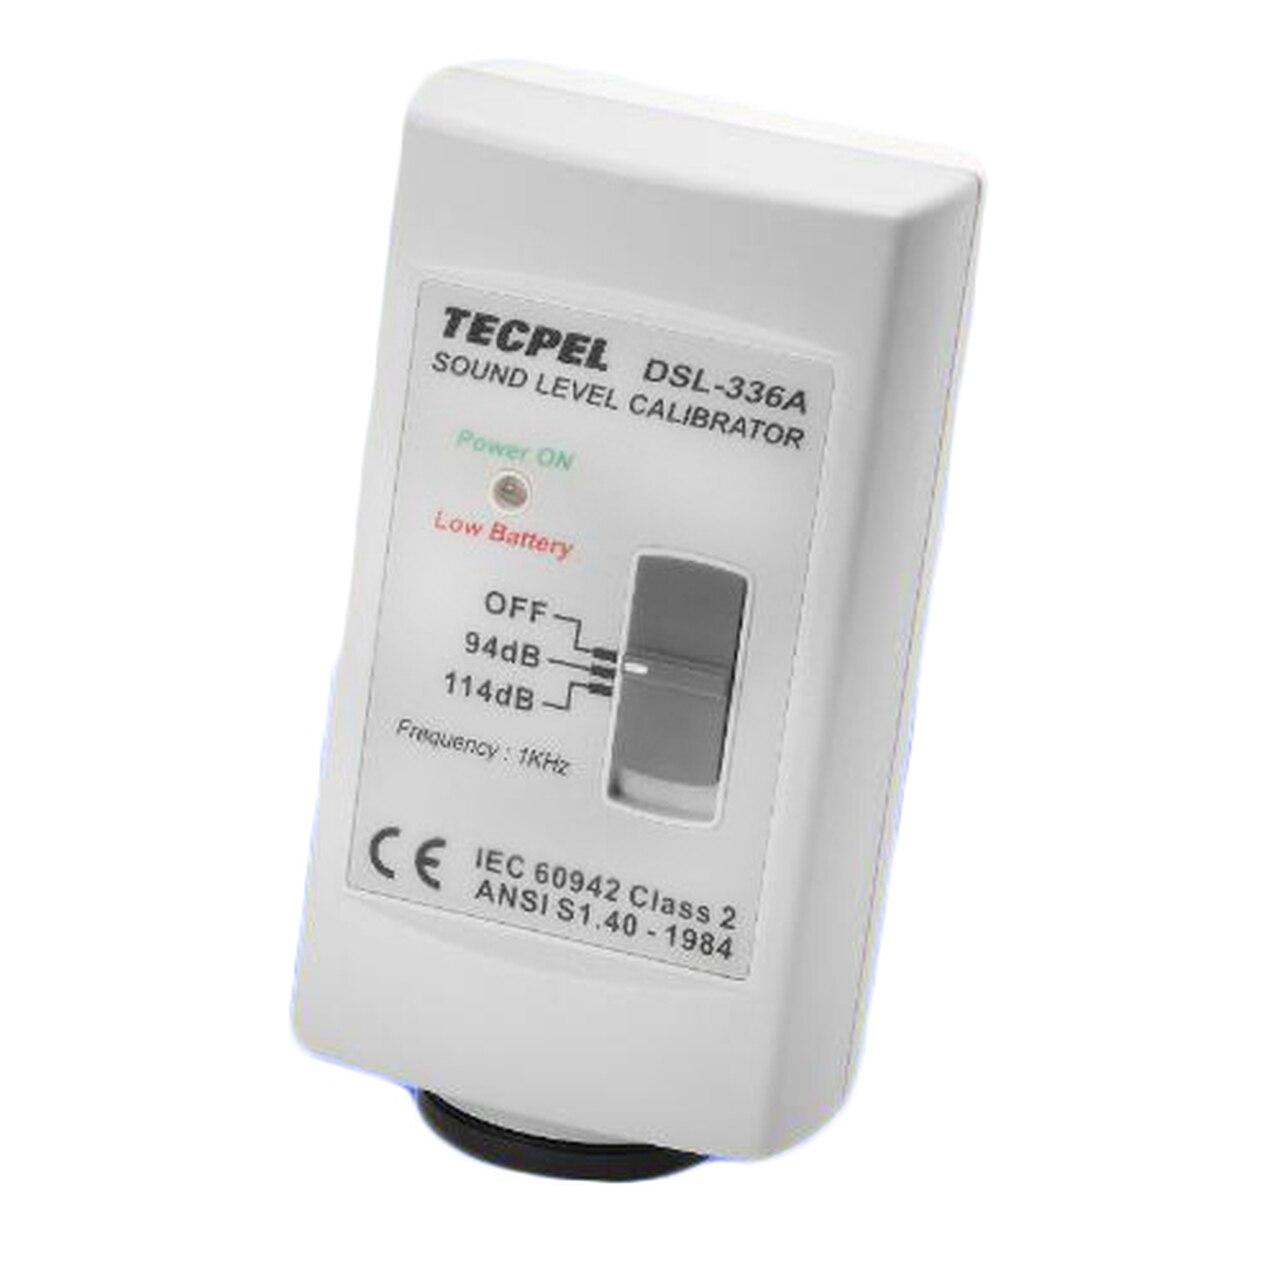 Tecpel DSL-336A Äänitasokalibraattori